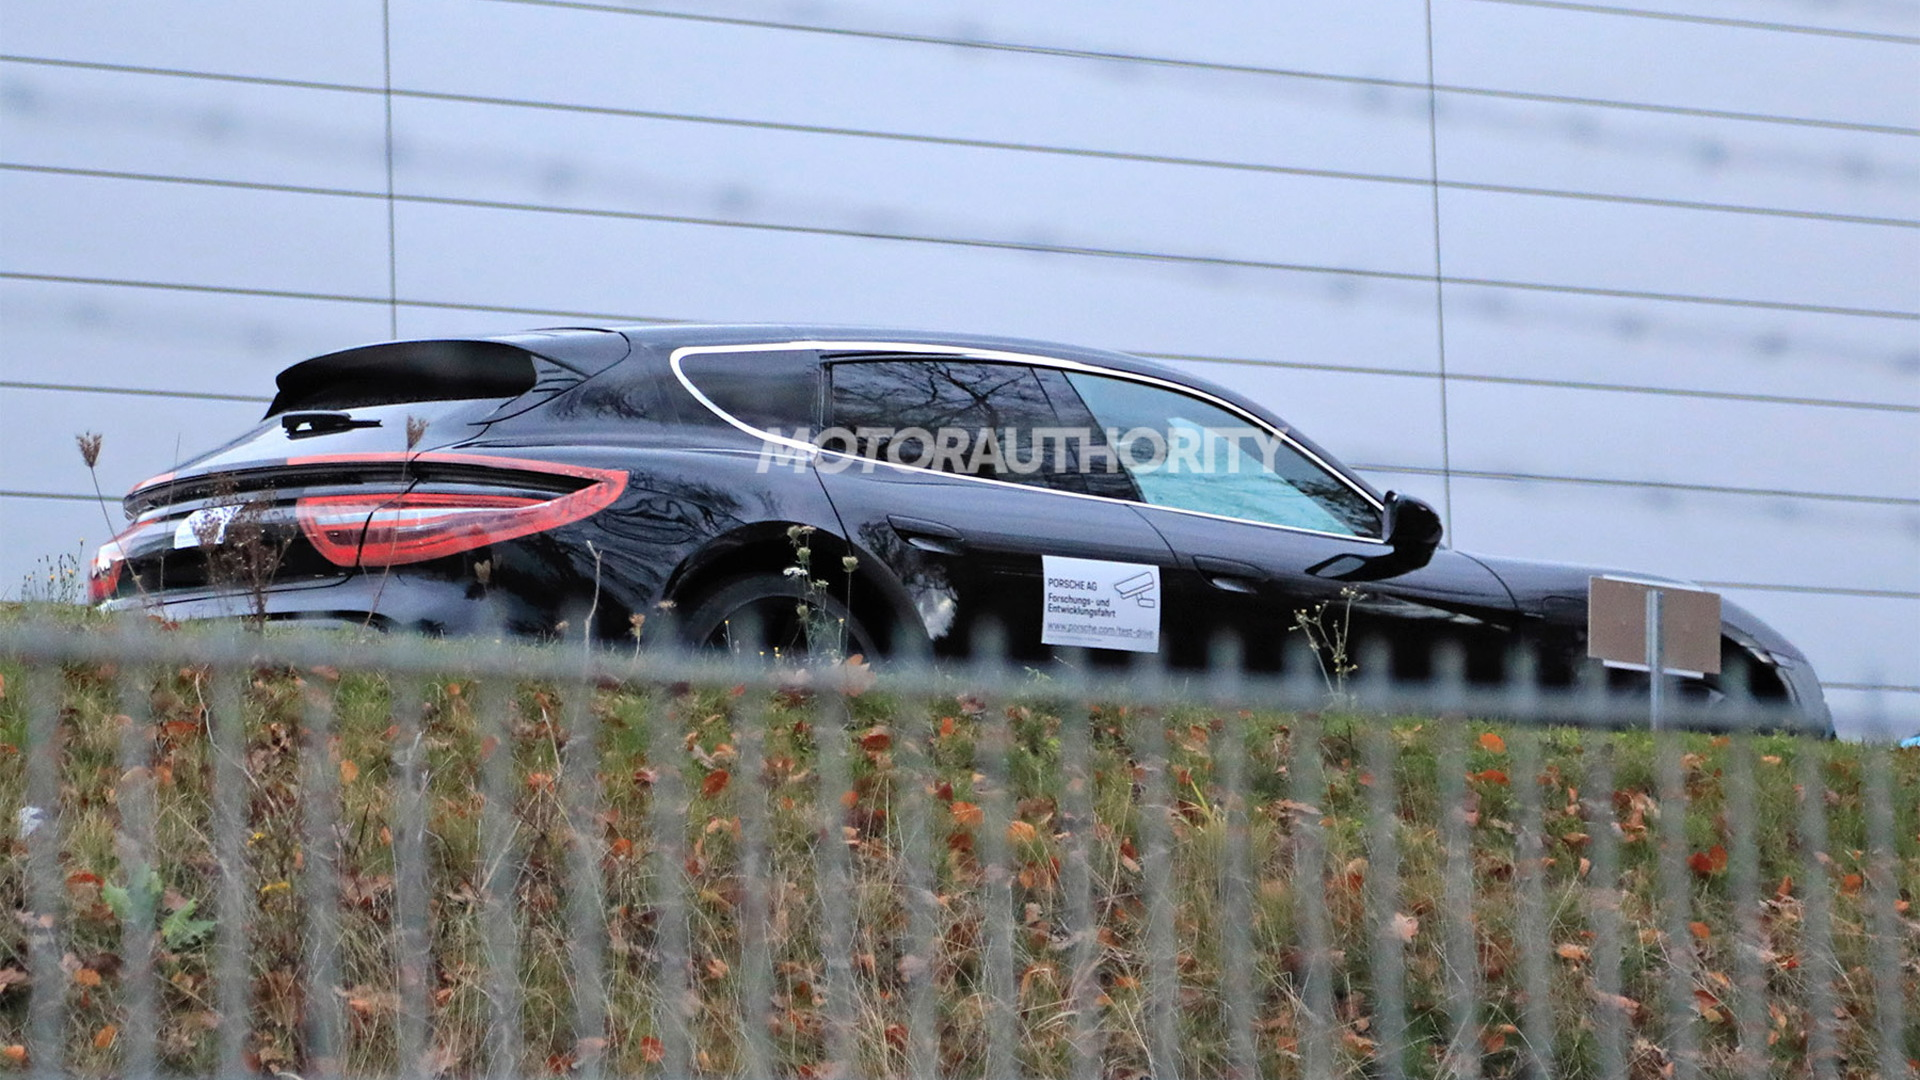 2021 Porsche Taycan Cross Turismo spy shots - Photo credit: S. Baldauf/SB-Medien